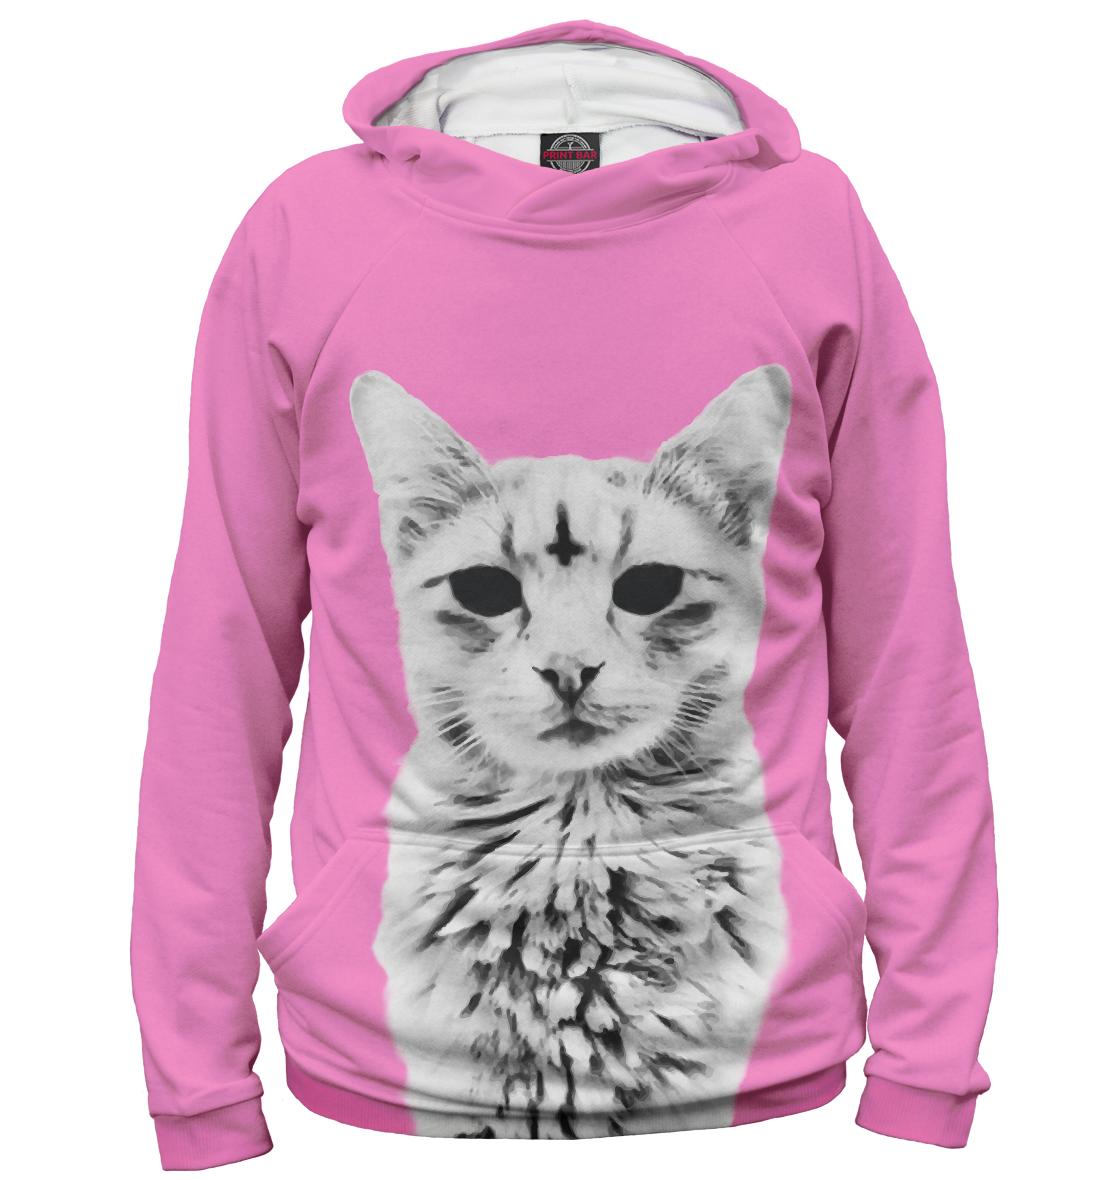 Купить Женское худи Коты CAT-850644-hud-1